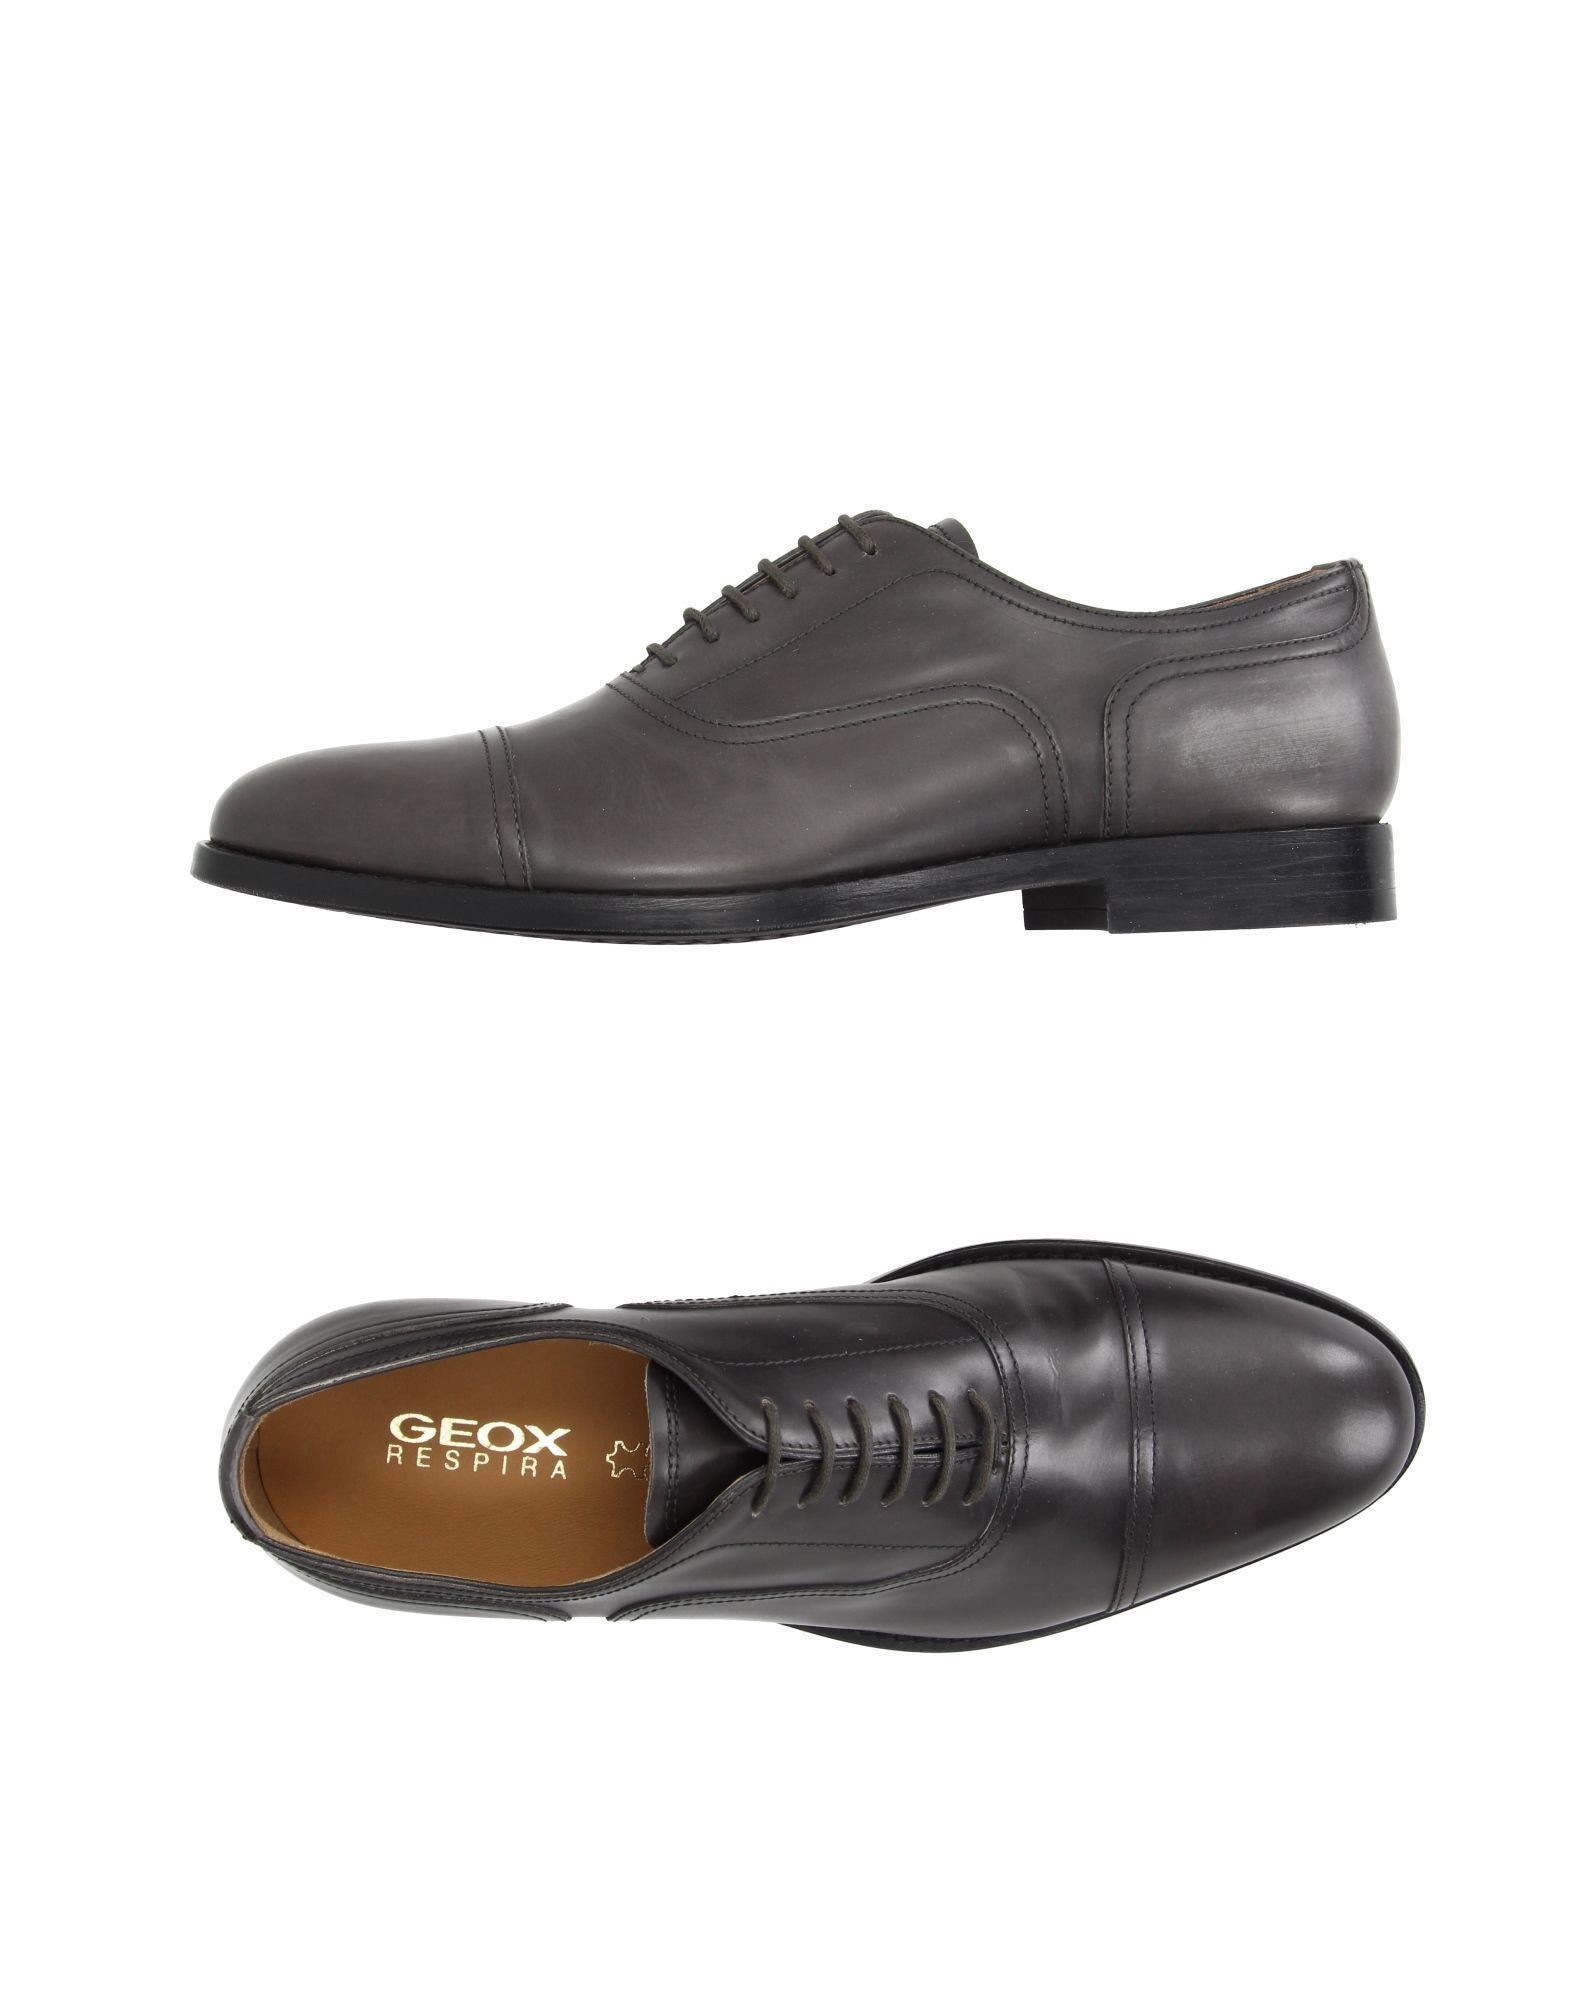 Rick Owens Shoes No Shoes Lace